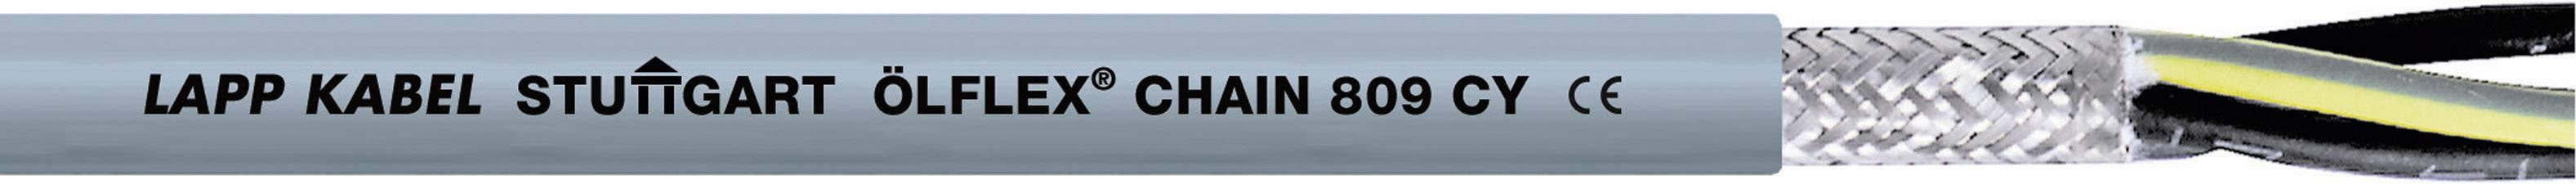 Žíla kabelu LappKabel ÖLFLEX CHAIN 809 CY 5G0,5 (1026754), 5x 0,5 mm², PVC, Ø 7,1 mm, stíněný, 50 m, šedá